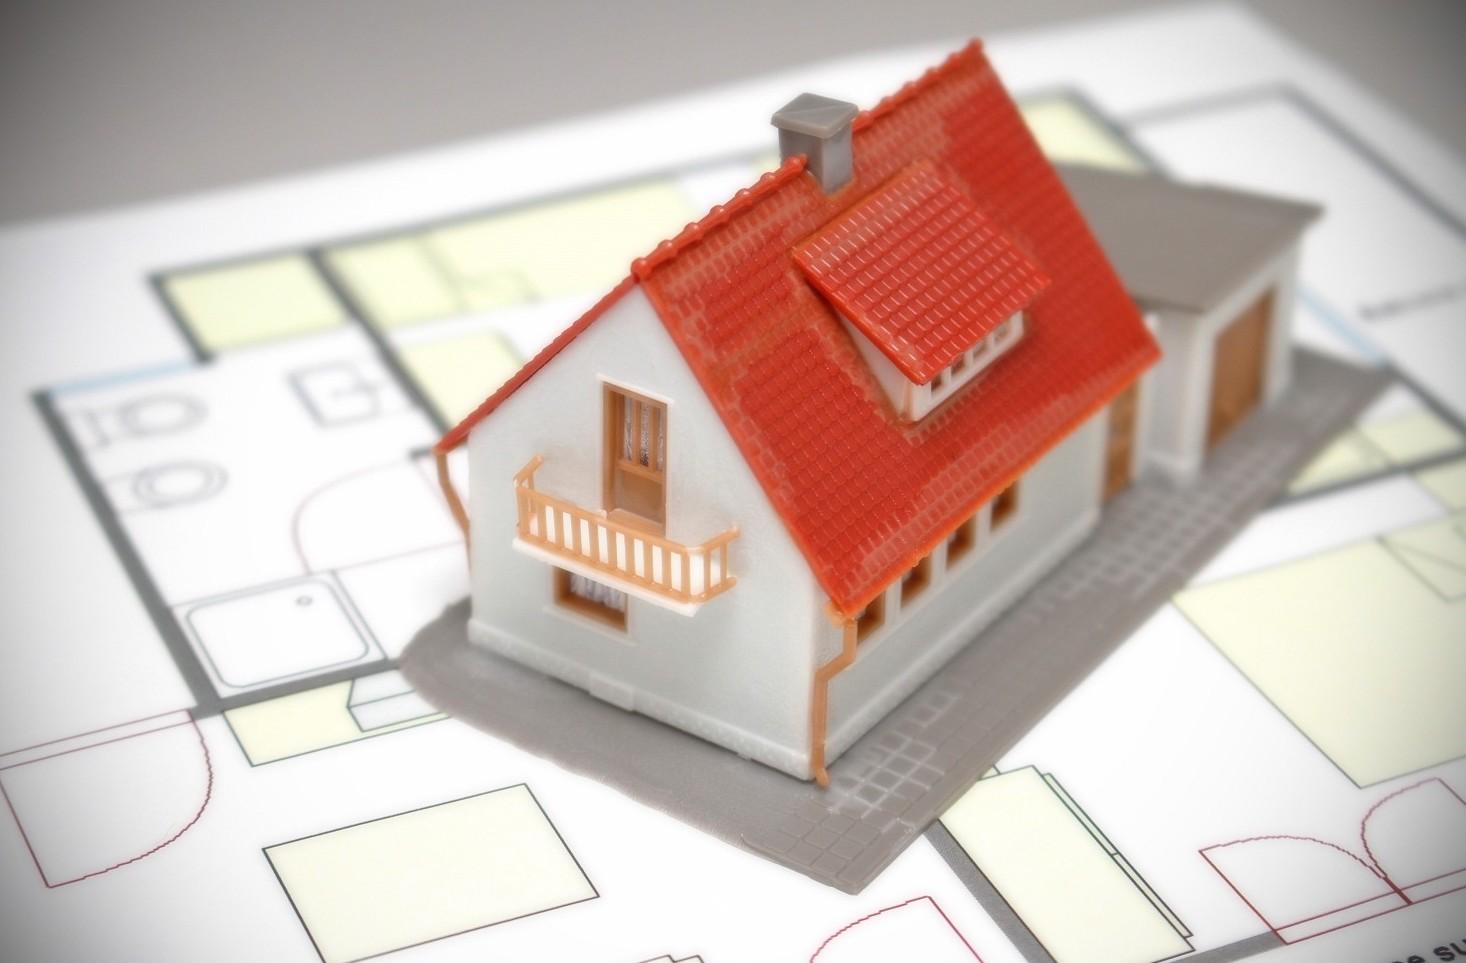 Bonus luce e gas 2017 ristrutturazione casa detrazioni bonus mobili 2017 mutui agevolazioni - Detrazioni fiscali ristrutturazione seconda casa ...